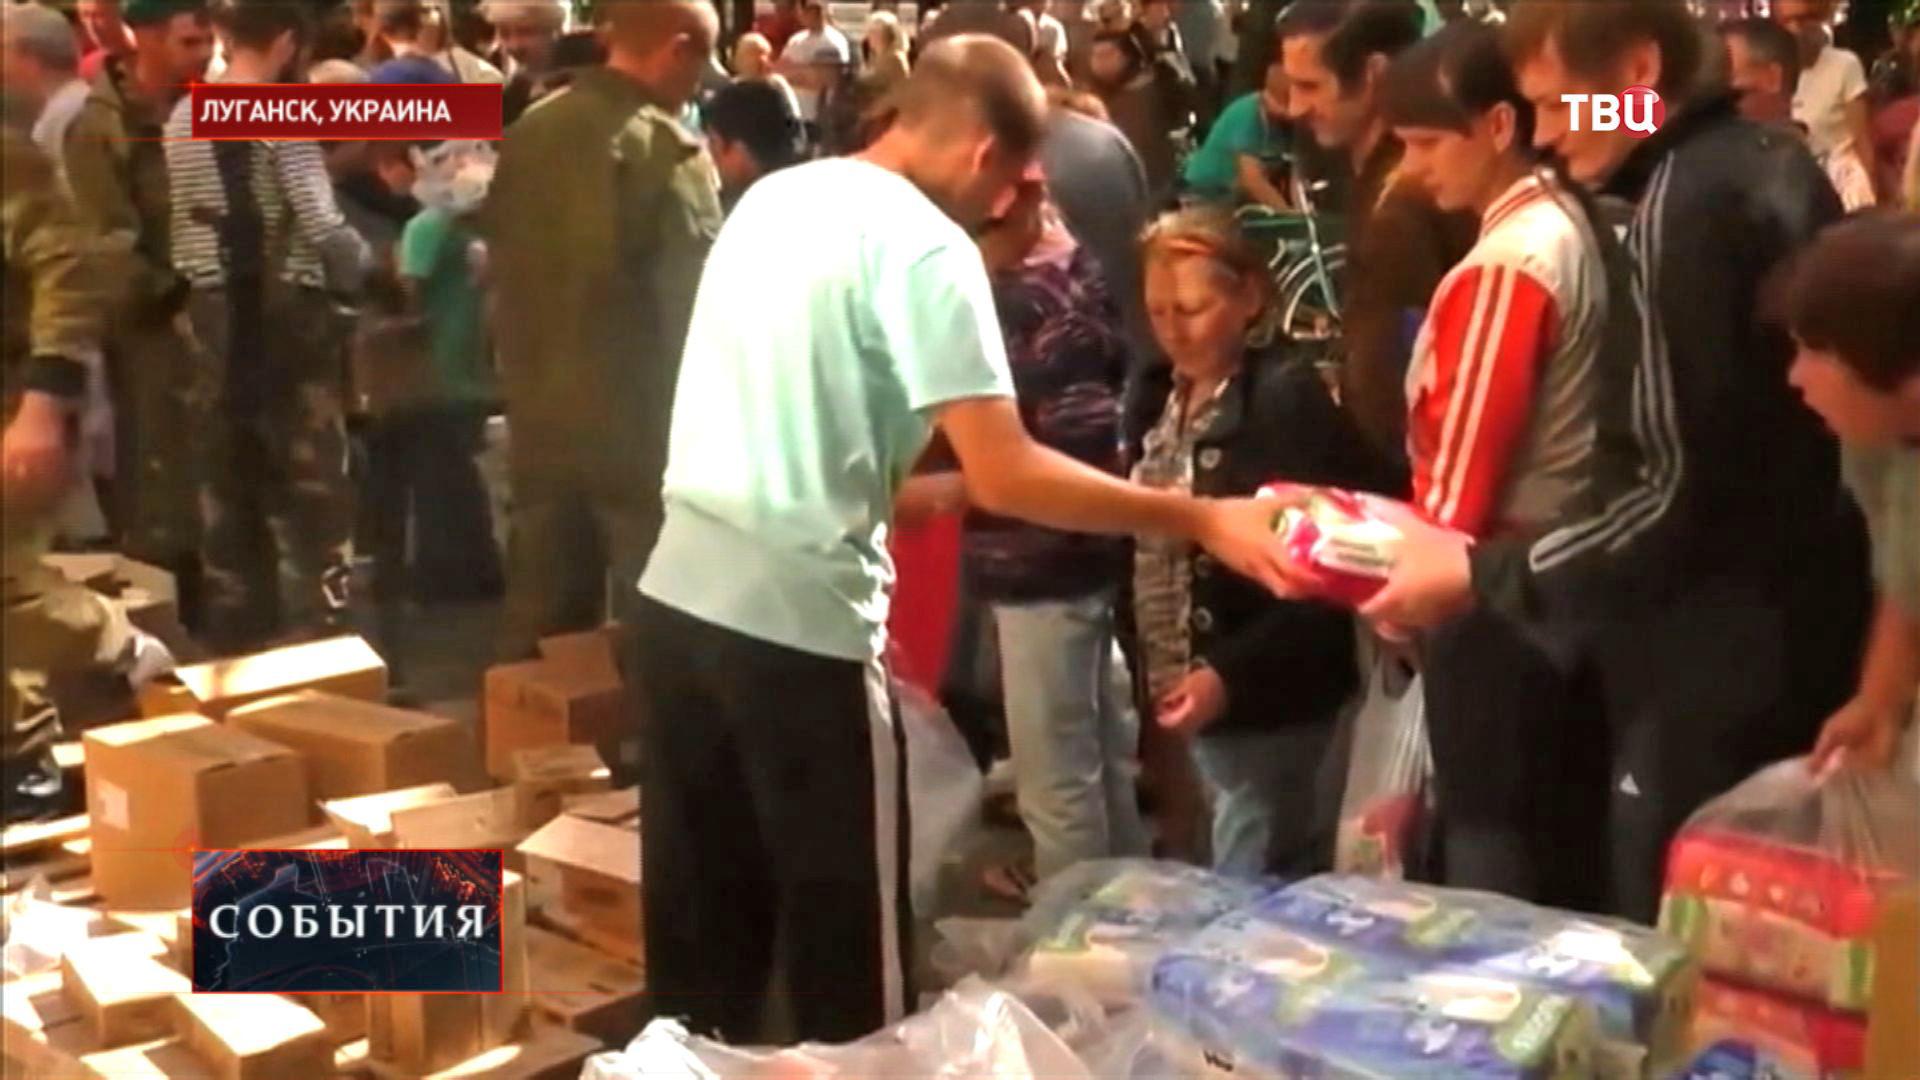 Гуманитарная помощь для жителей Луганска